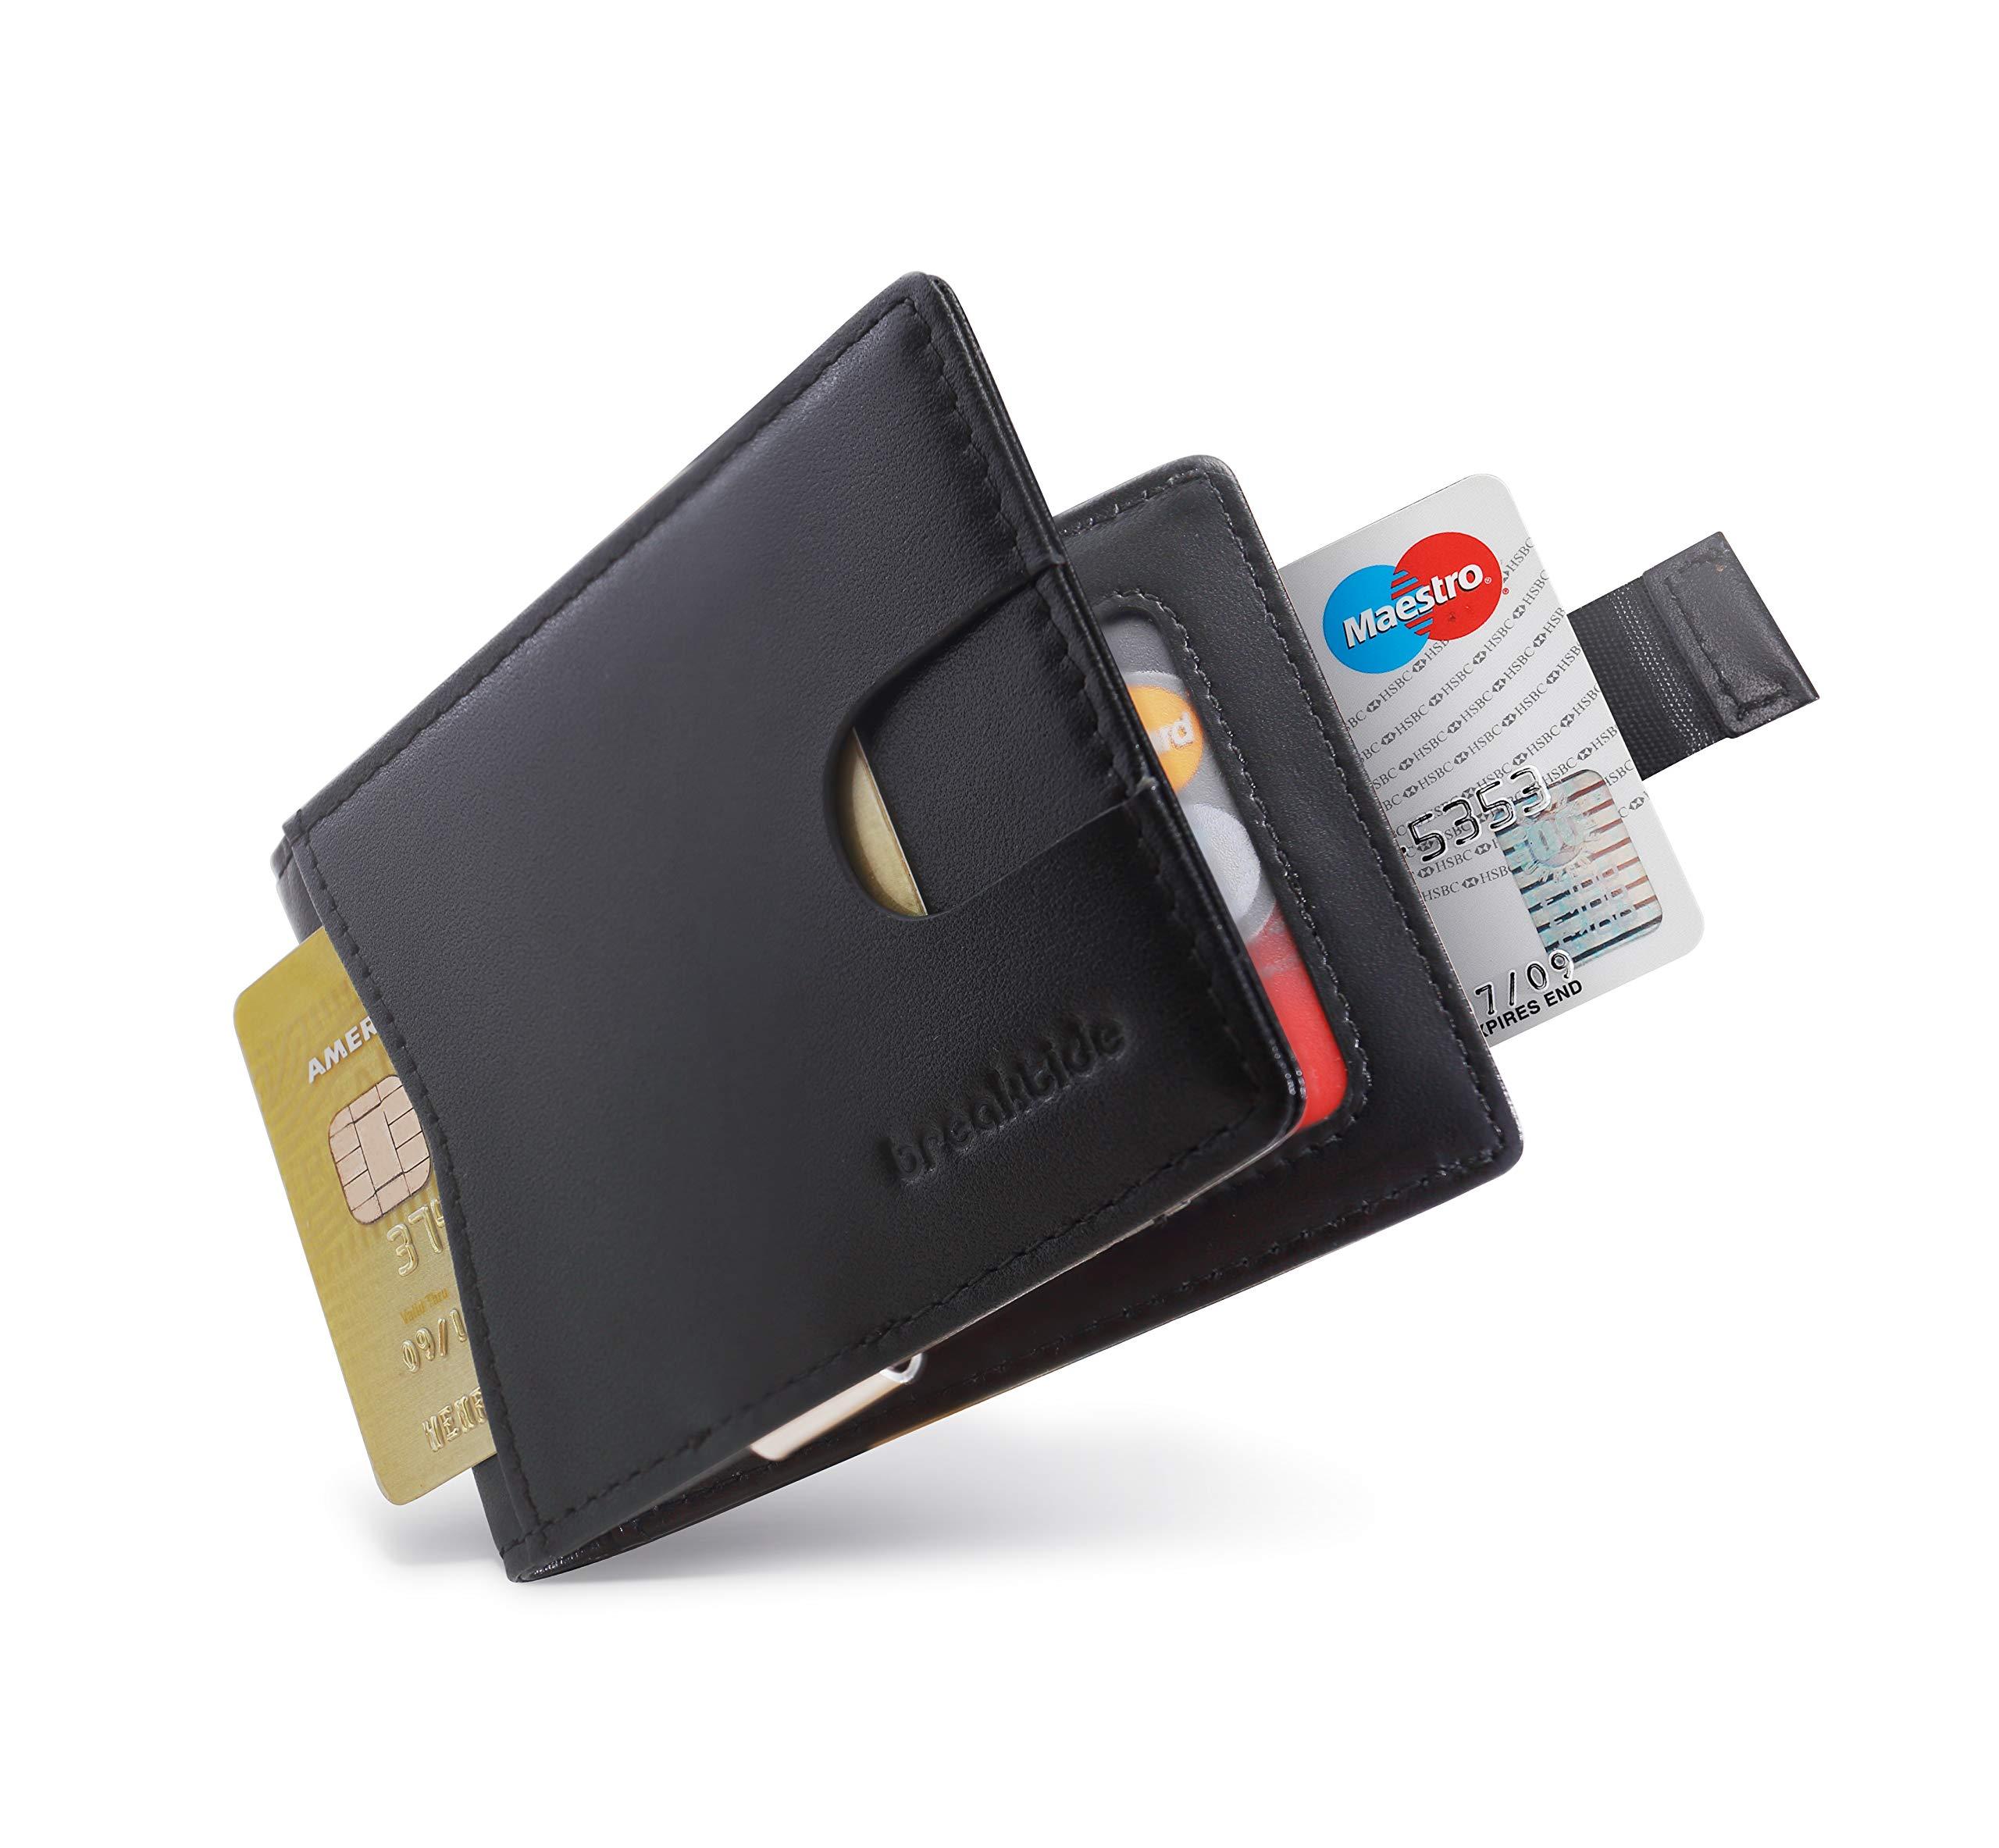 BREAKTIDE Wallets for Men - Slim Bifold Genuine Leather Wallets for Men with Money Clip